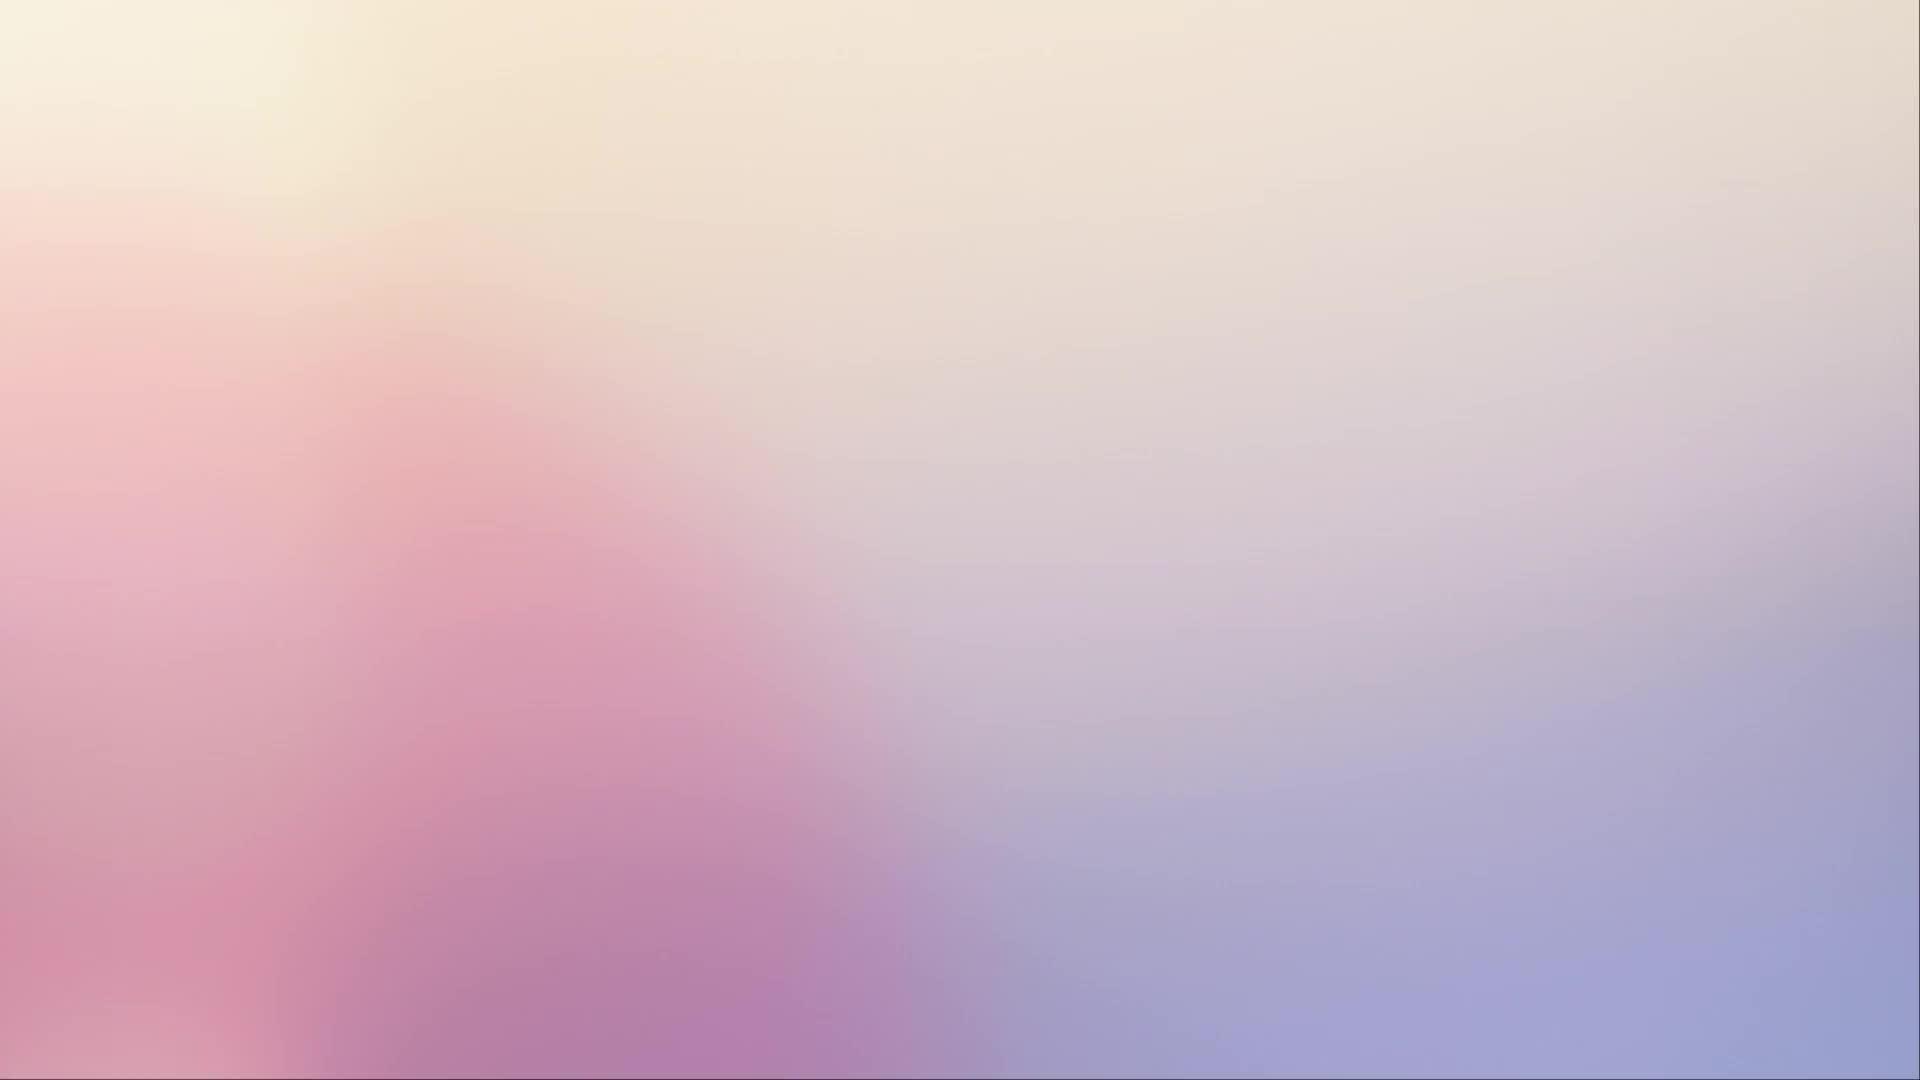 Kinreen 医療 Led 赤色光療法パネル 45 ワットパルス Led 光療法美容デバイス (FDA 承認)